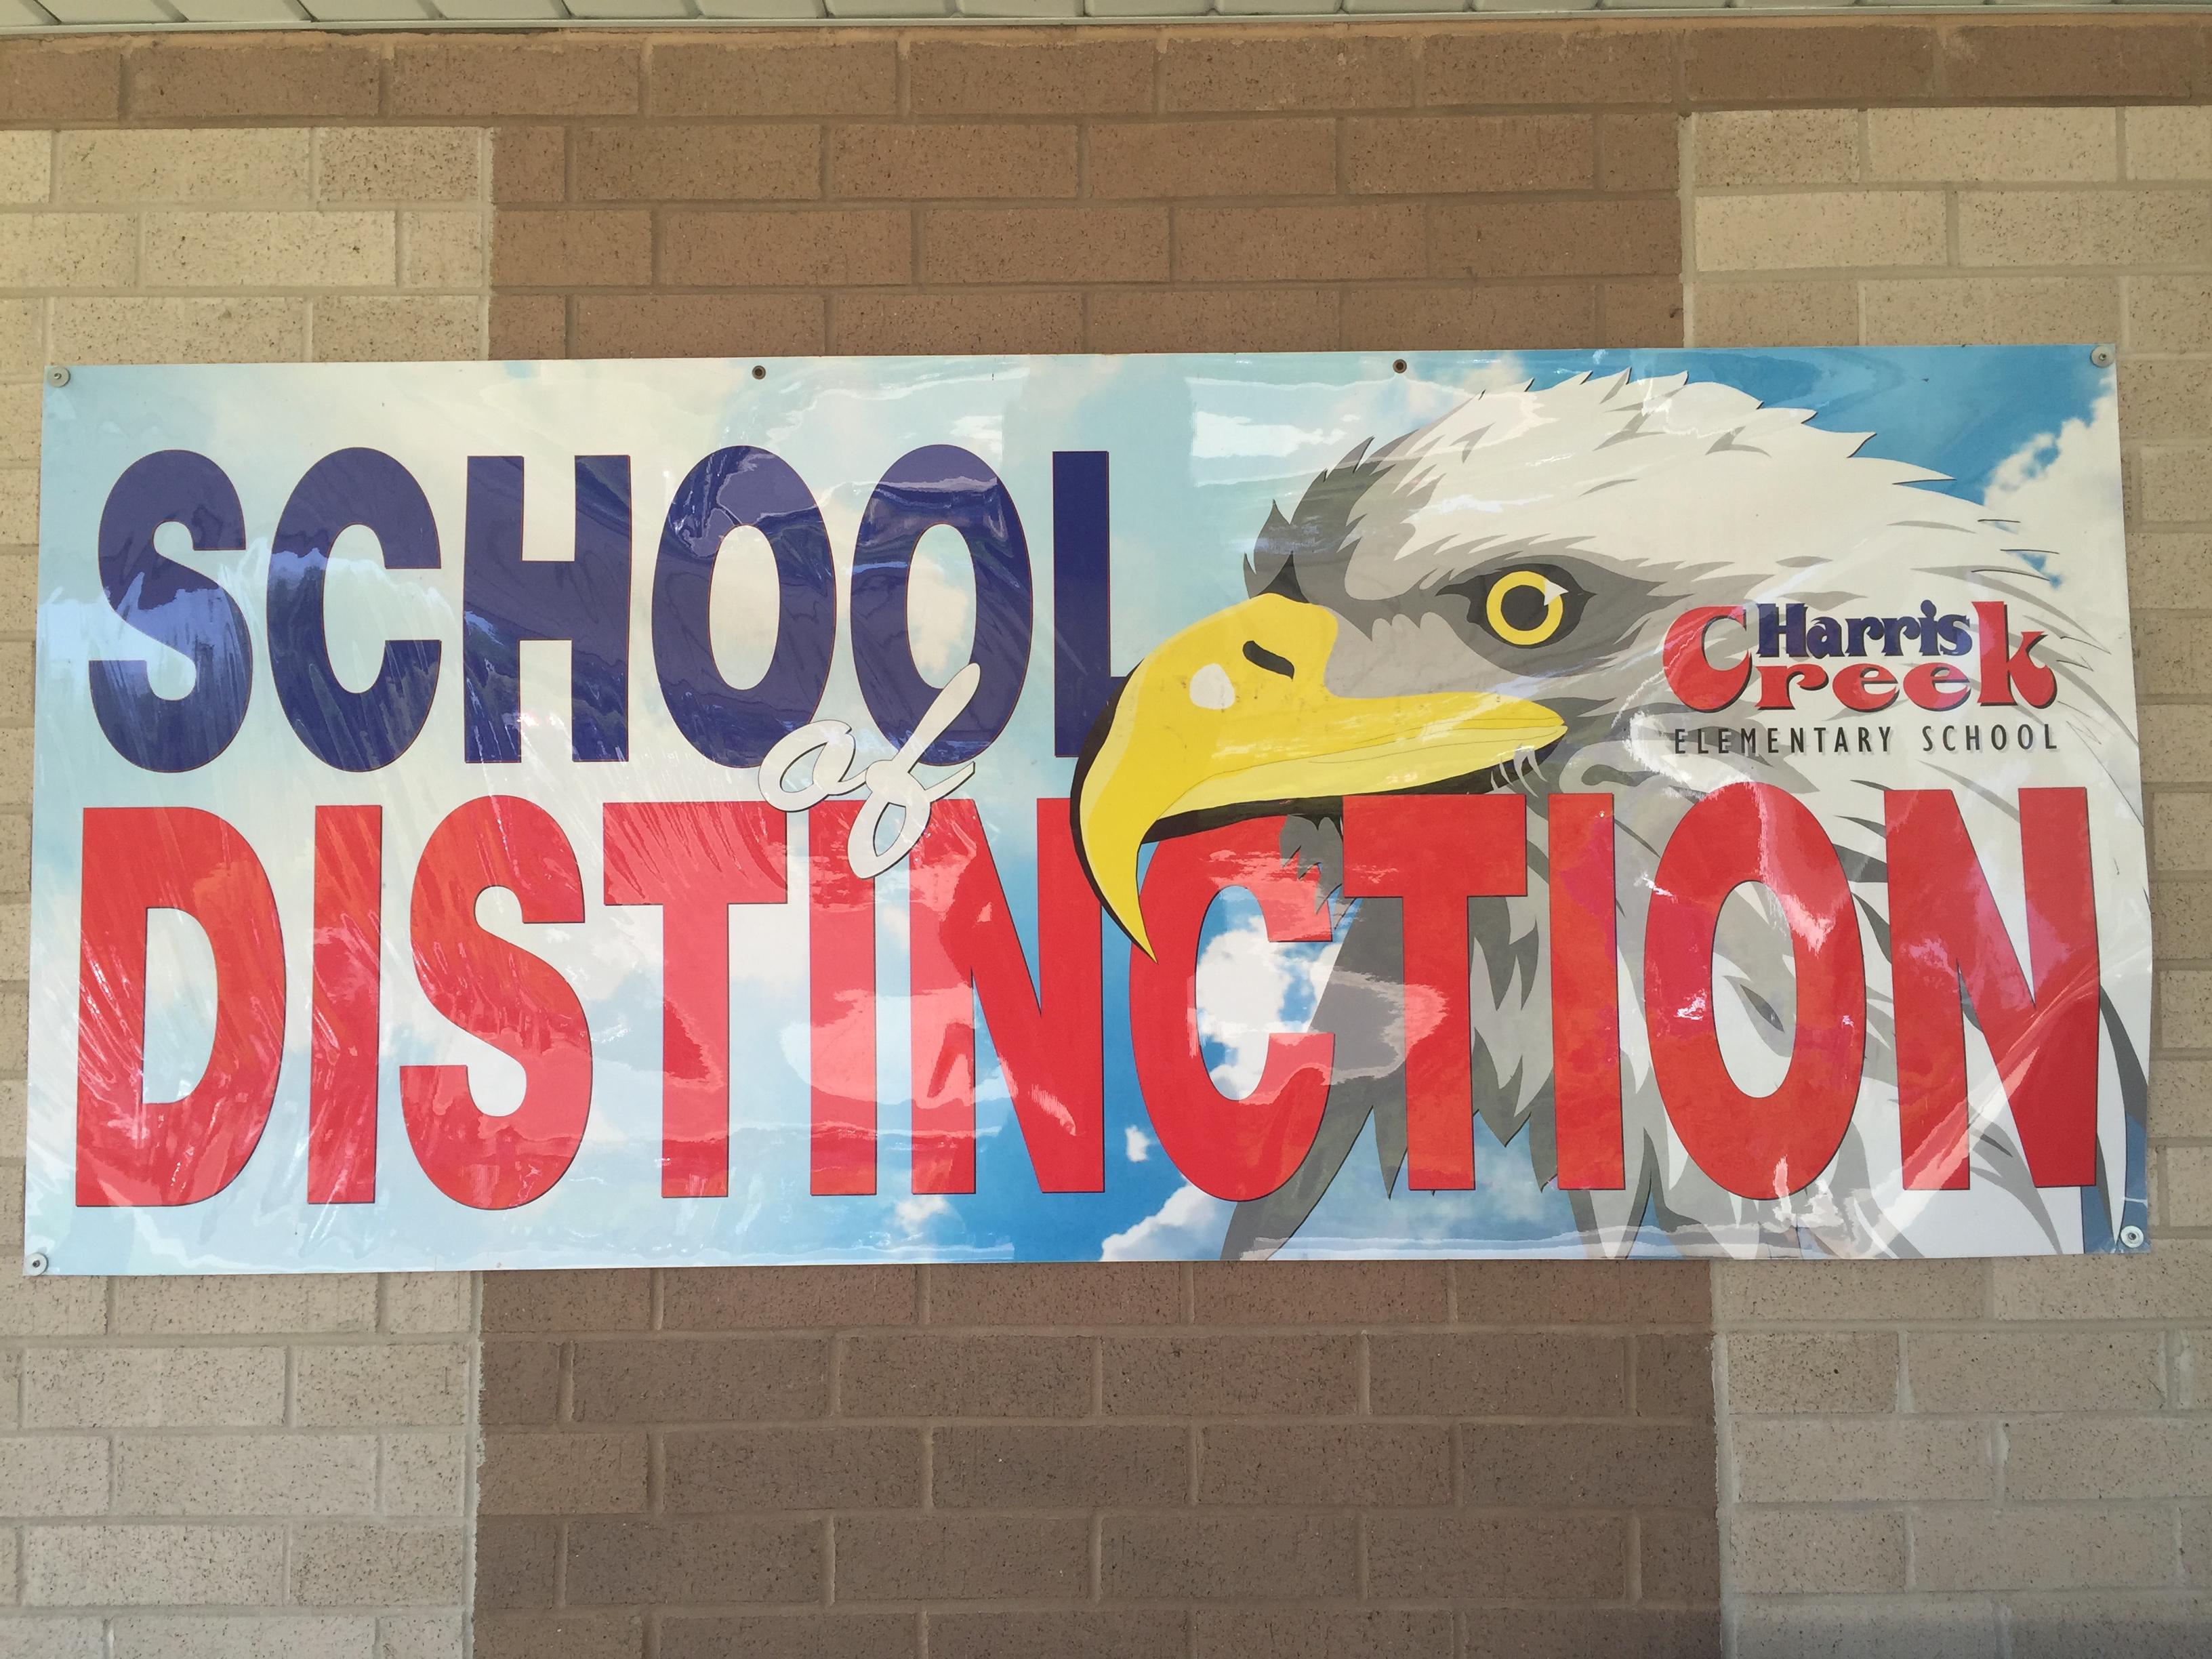 Harris Creek Elementary School / Homepage